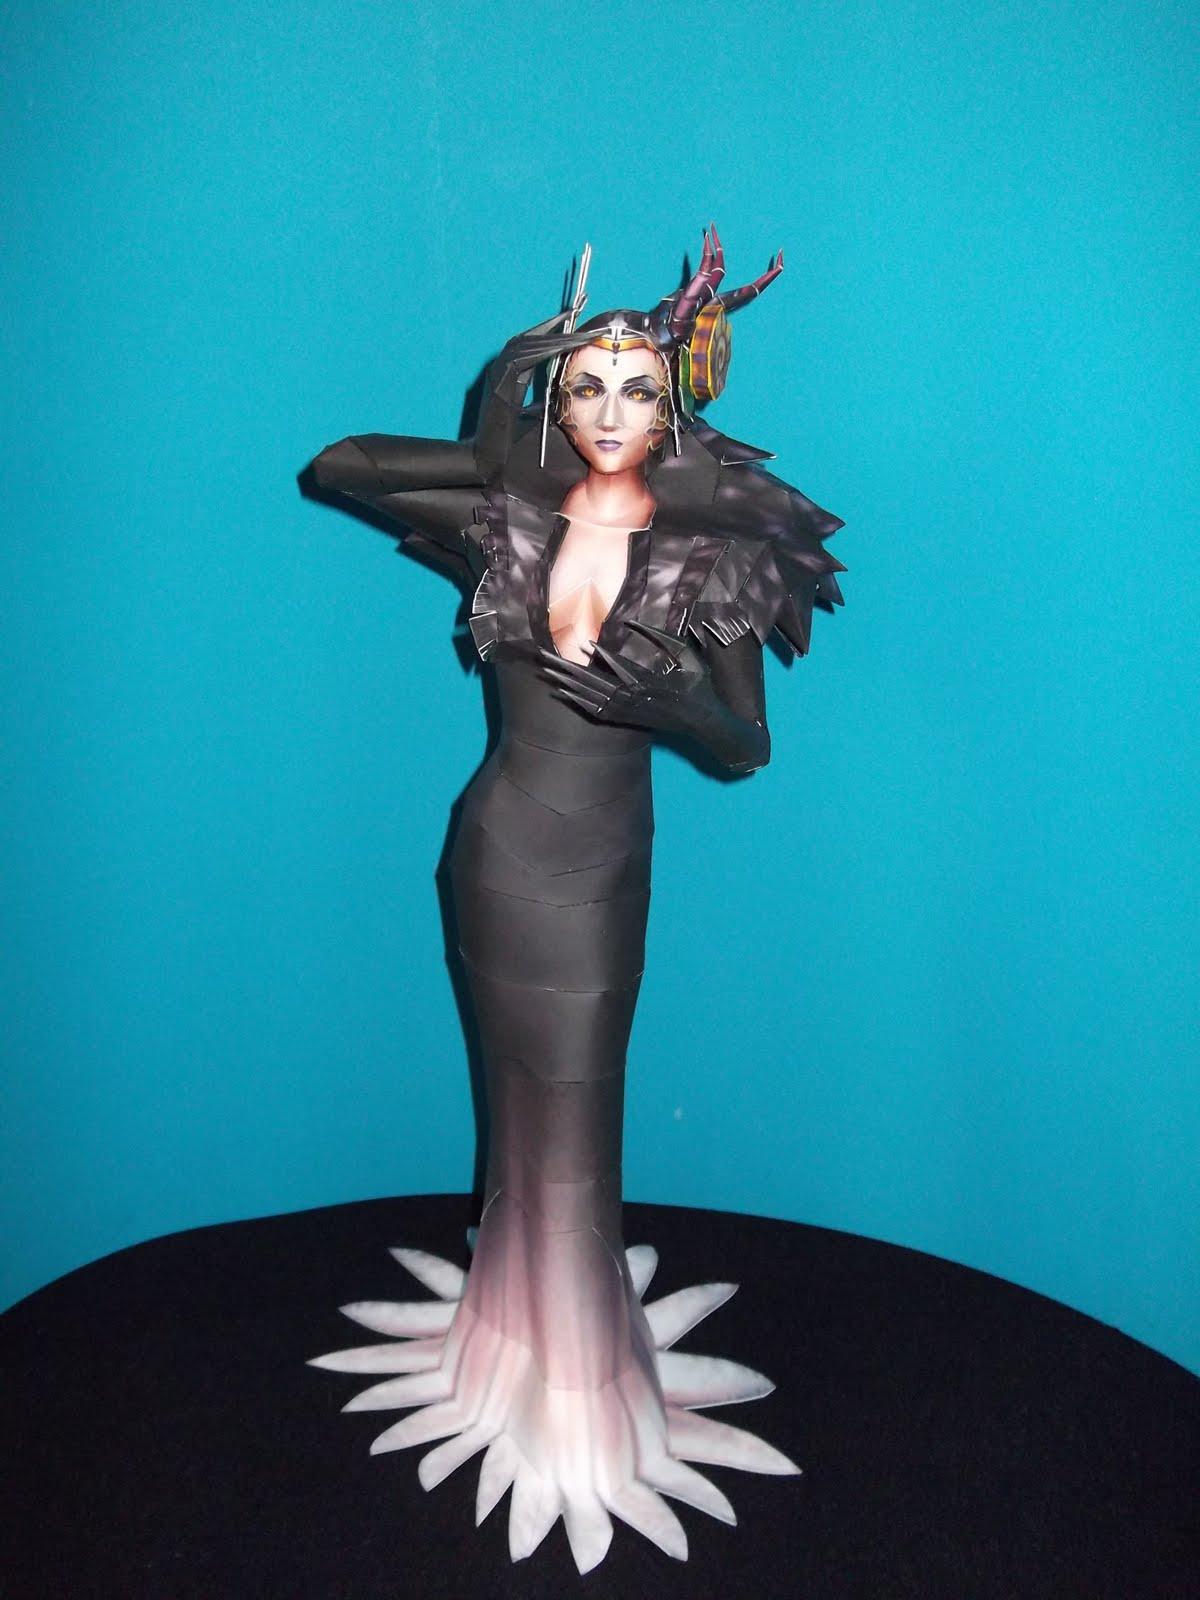 https://2.bp.blogspot.com/-psJYc-V0nIM/ThbtOAaKIxI/AAAAAAAADAA/fLe0-tLoT9I/s1600/Dissidia+012+Final+Fantasy+Ultimecia+%2528Edea%2527s+Costume%2529.JPG